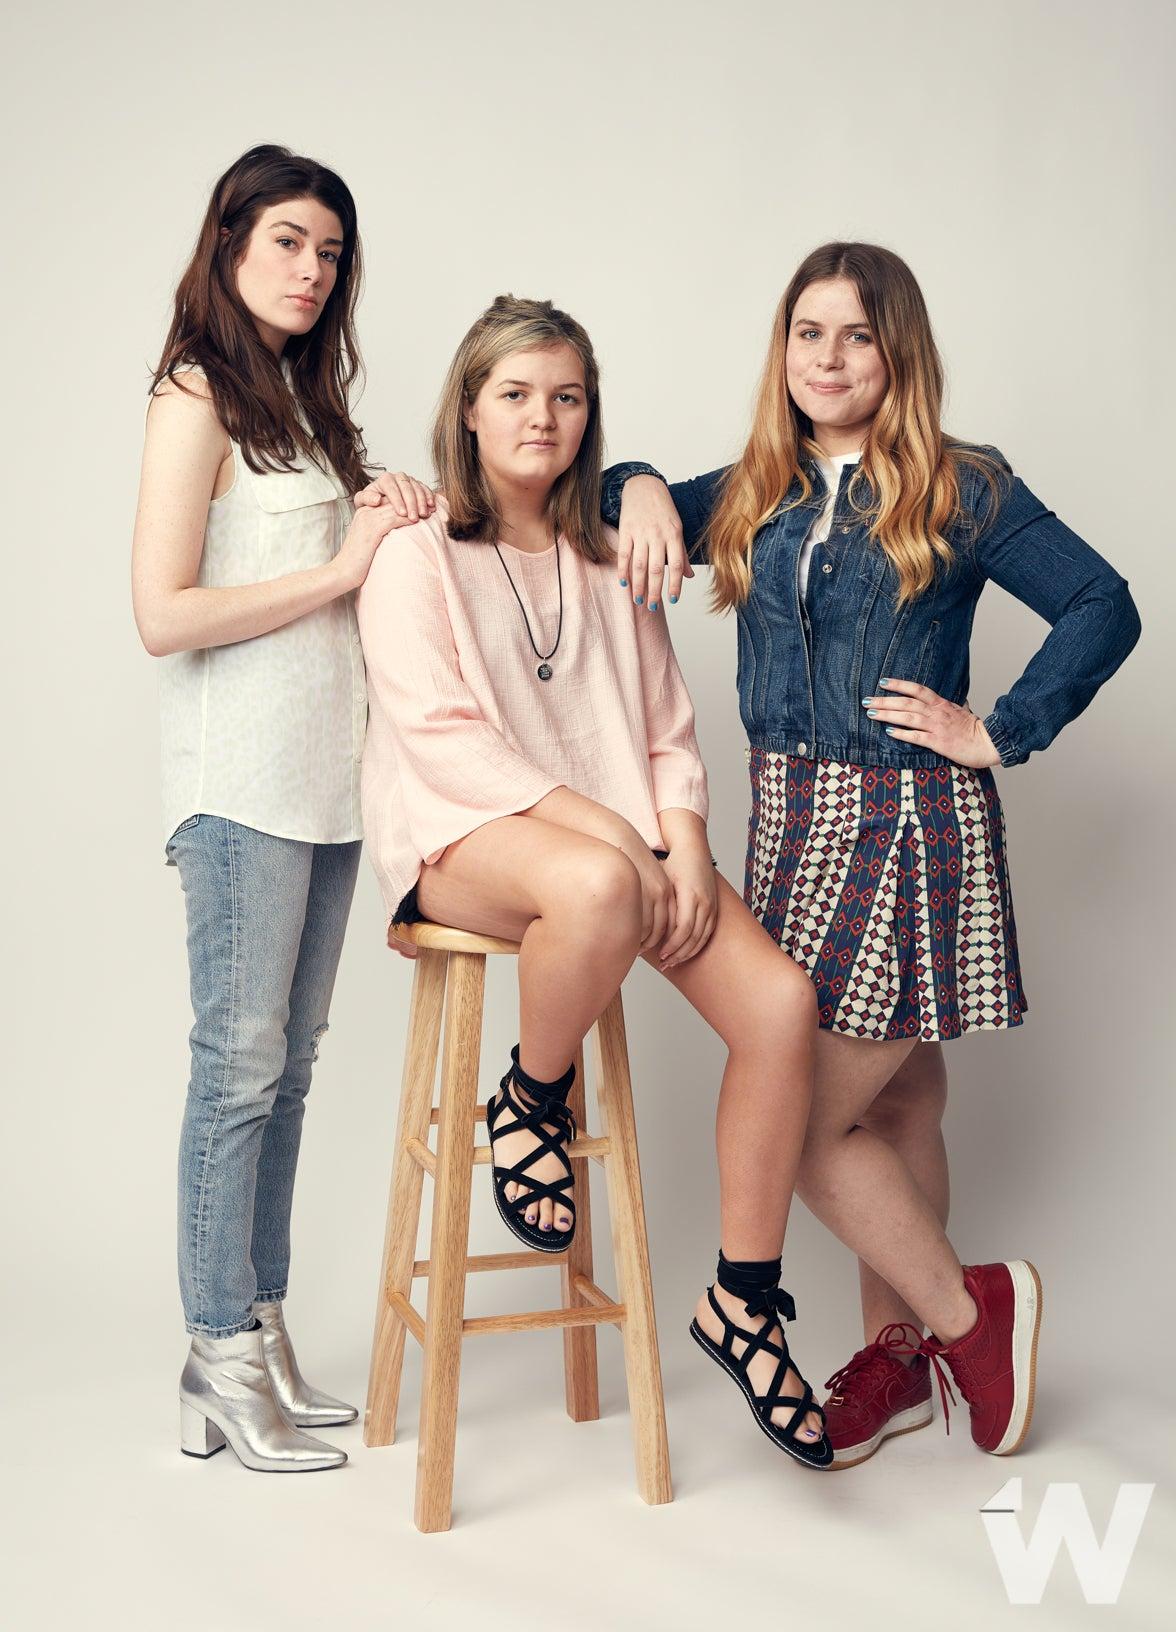 SXSW 2018 Laura Steinel, Bryn Vale, Jessie Ennis Family